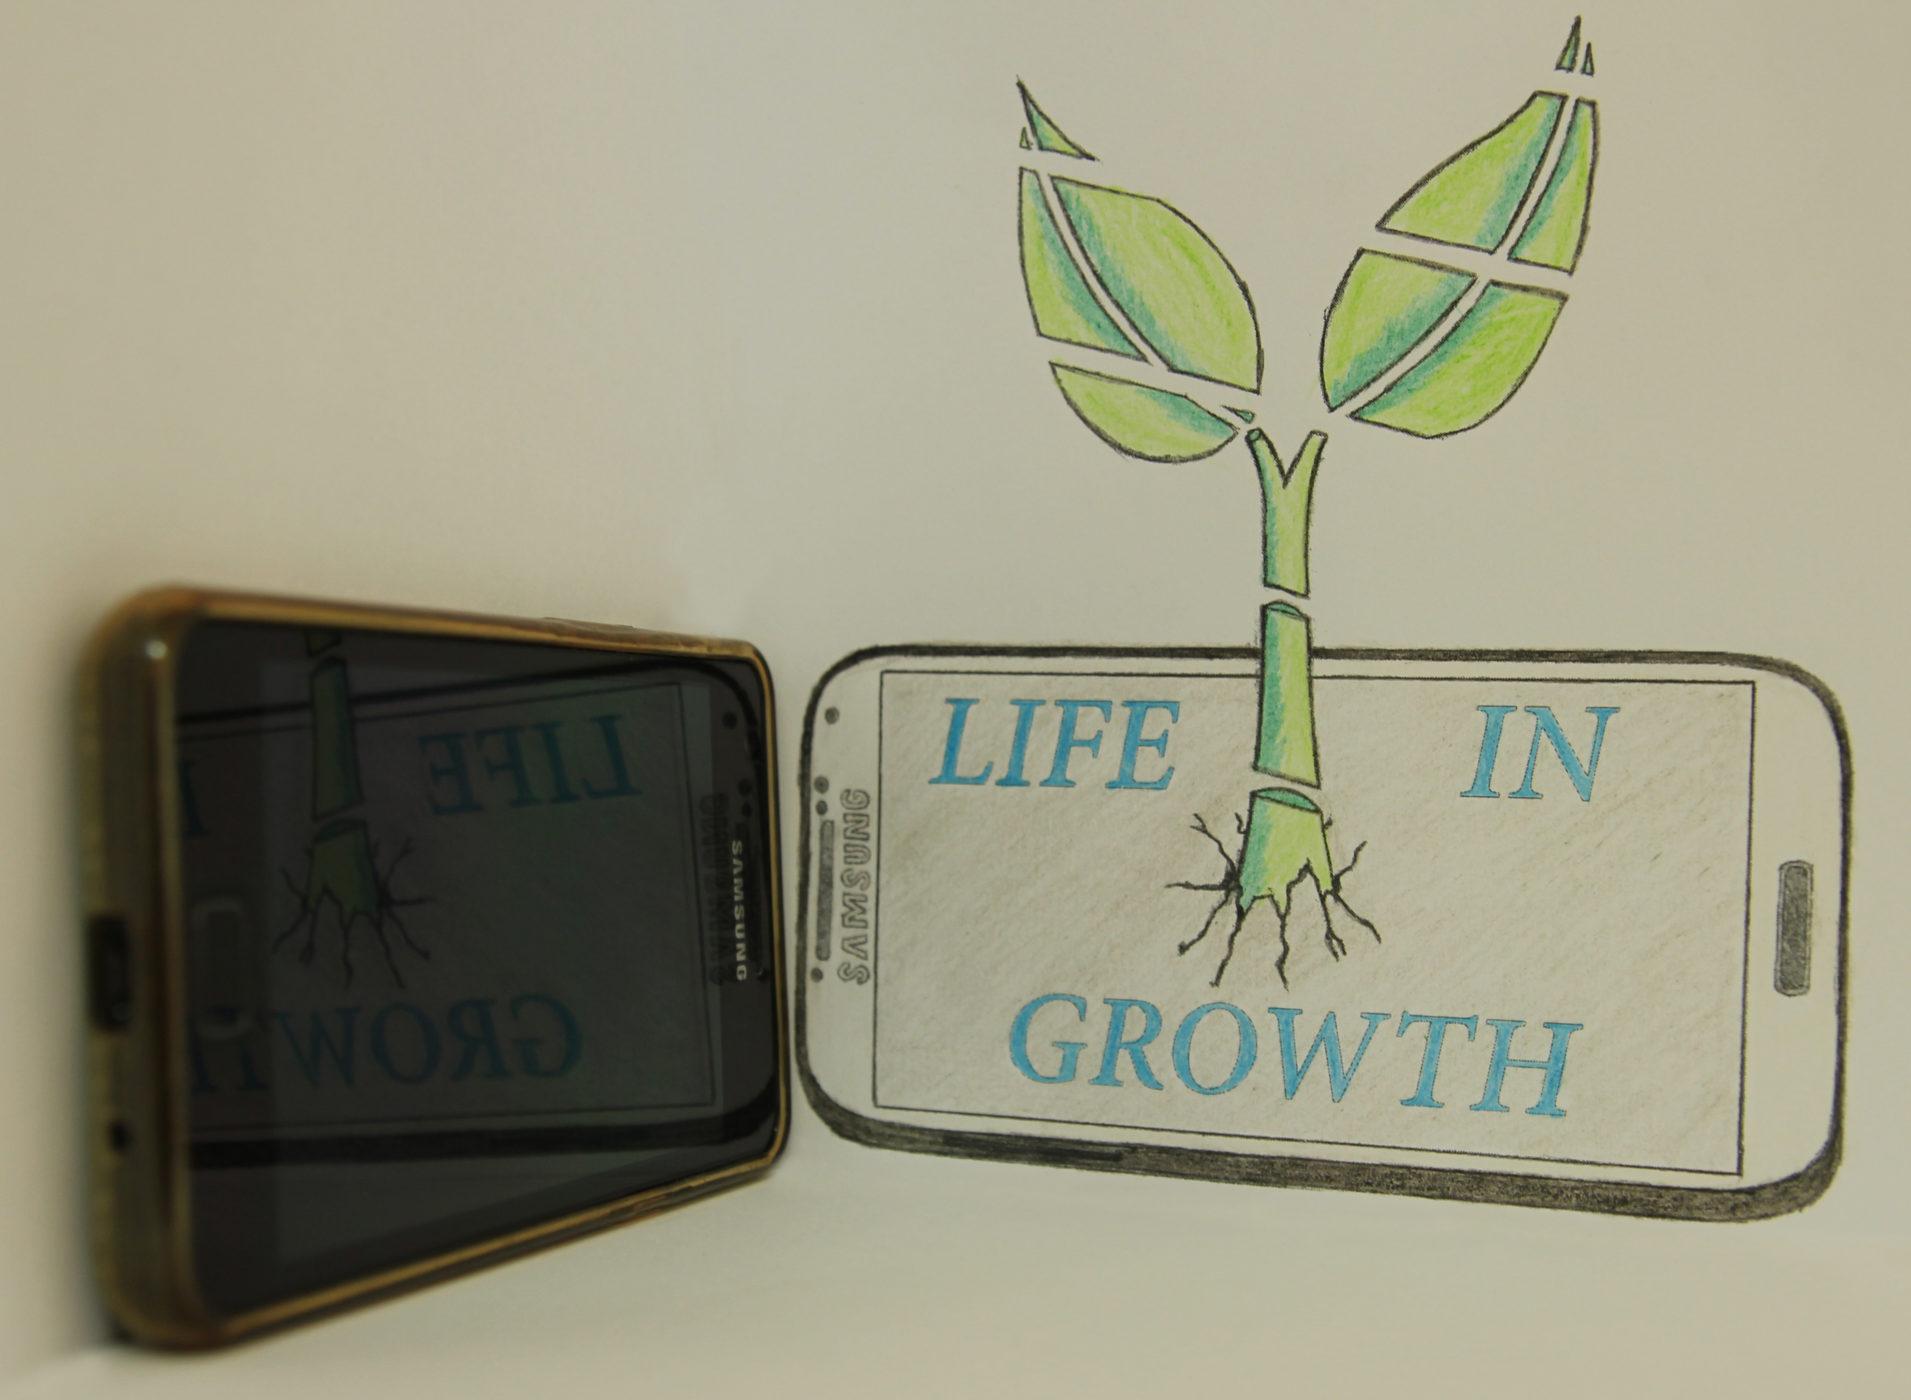 שם השולח: אלמוגית נחמיאס. הטכנולוגיה והחיים שזורים אחד בשני במישורים רבים בחיינו ומייצגים צמיחה אישית חברתית וכמובן טכנולוגית